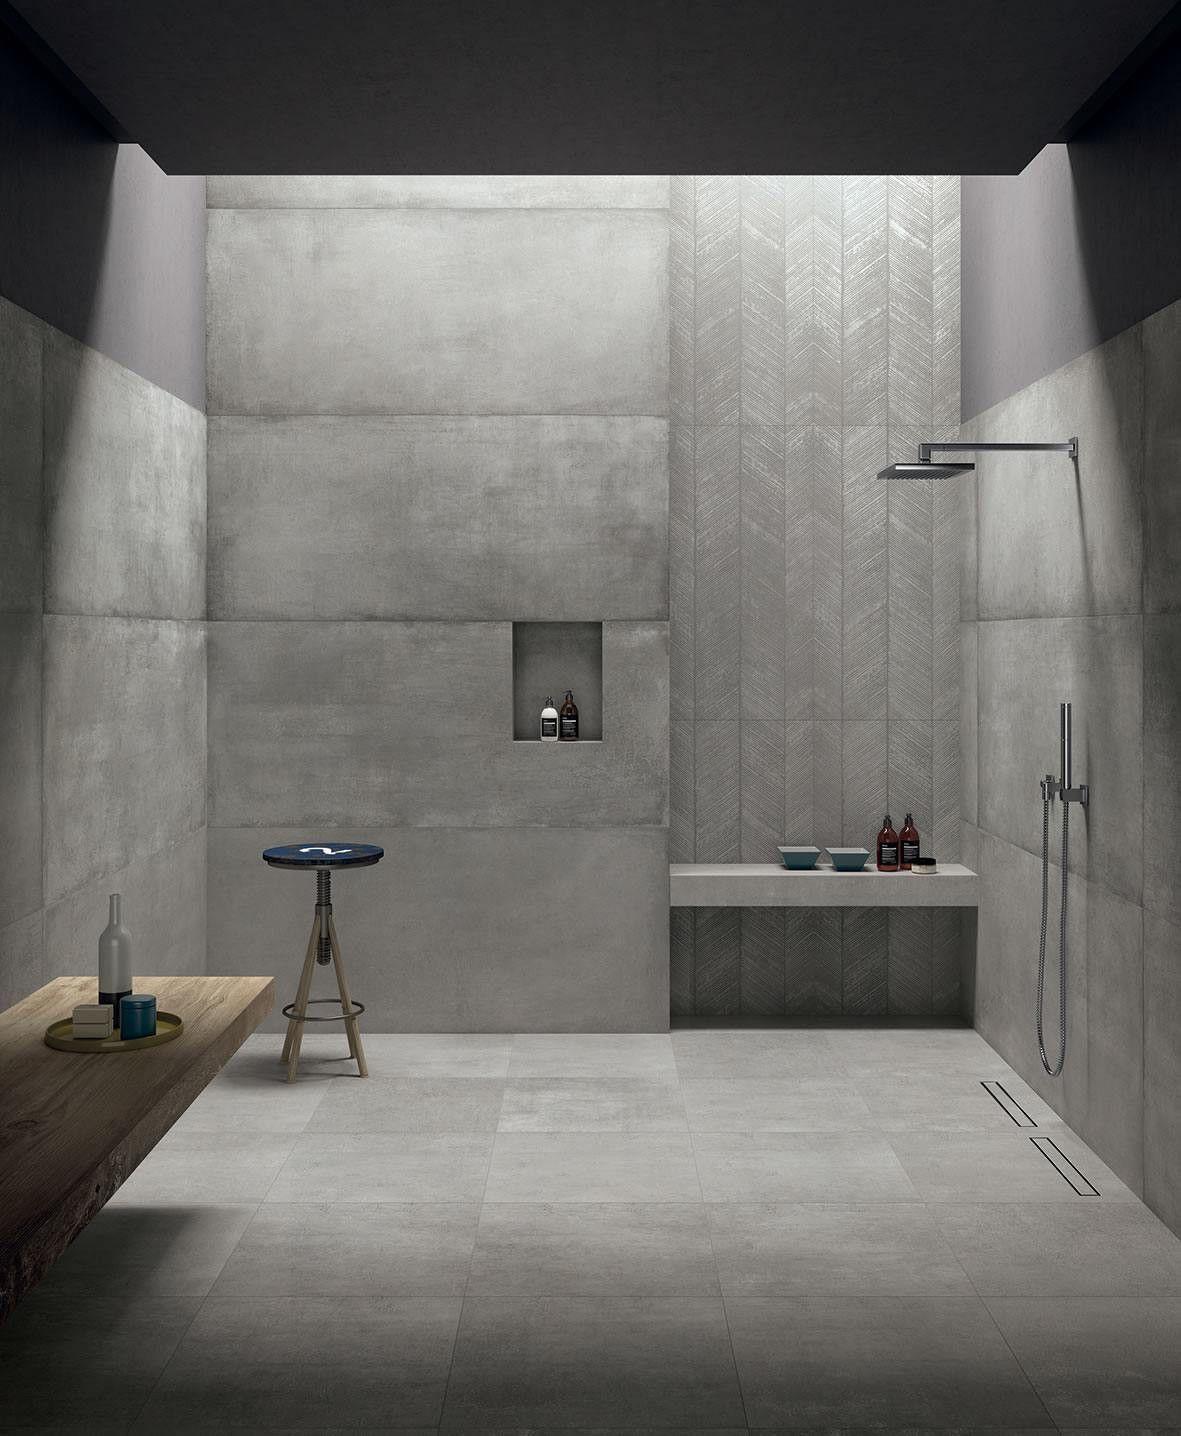 Kronos Prima Materia Cemento 60x60 Cm 8231 Feinsteinzeug Betonoptik 60x60 Im Angebot Auf B Bad Fliesen Designs Badezimmer Badezimmer Innenausstattung